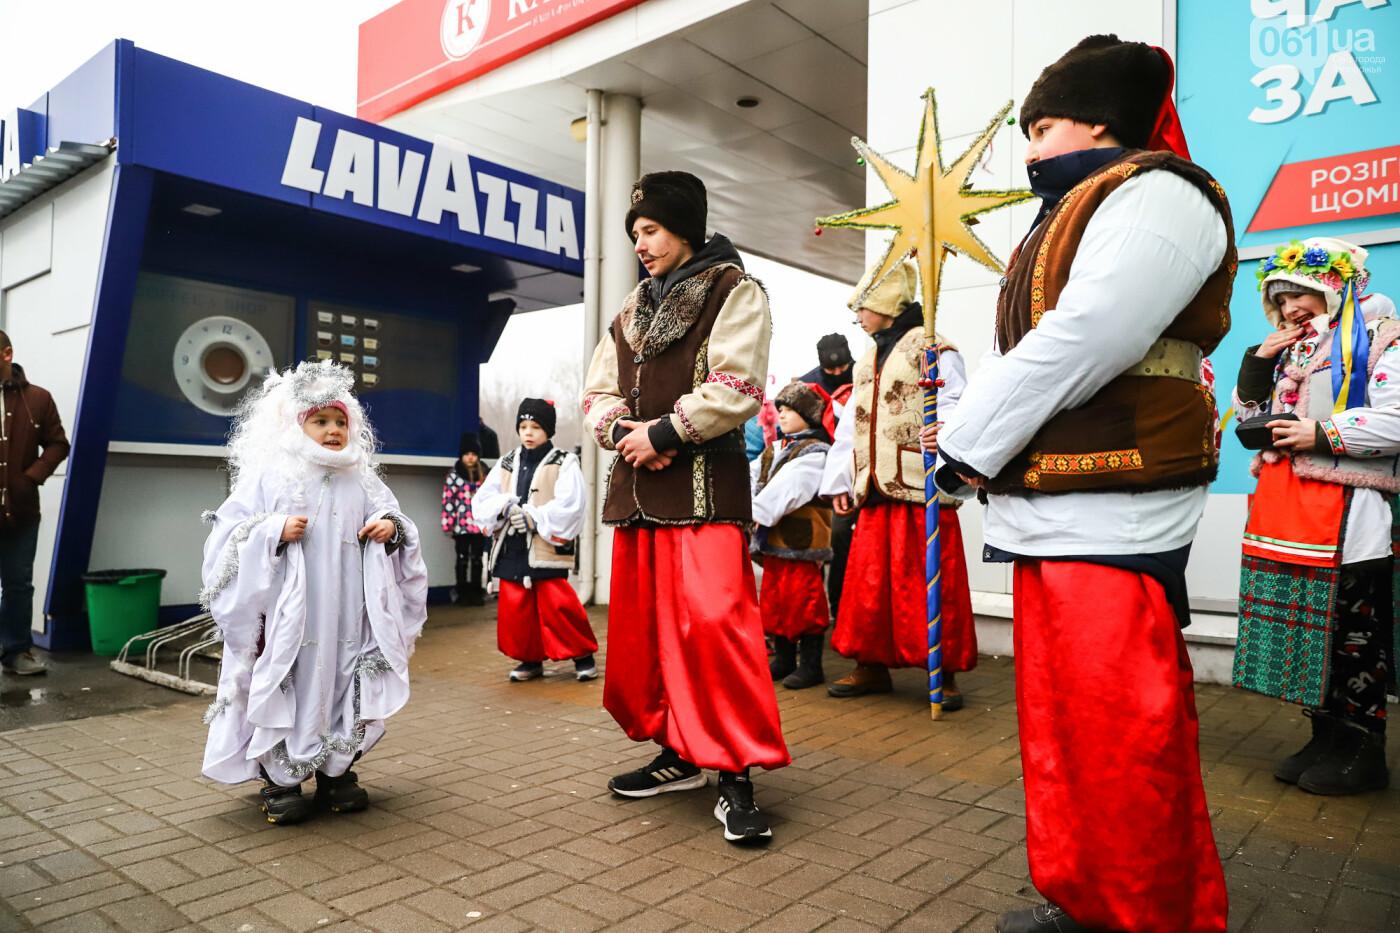 Нечистая сила против казаков: на улицах Запорожья показывали Рождественский вертеп, - ФОТО, ВИДЕО  , фото-15